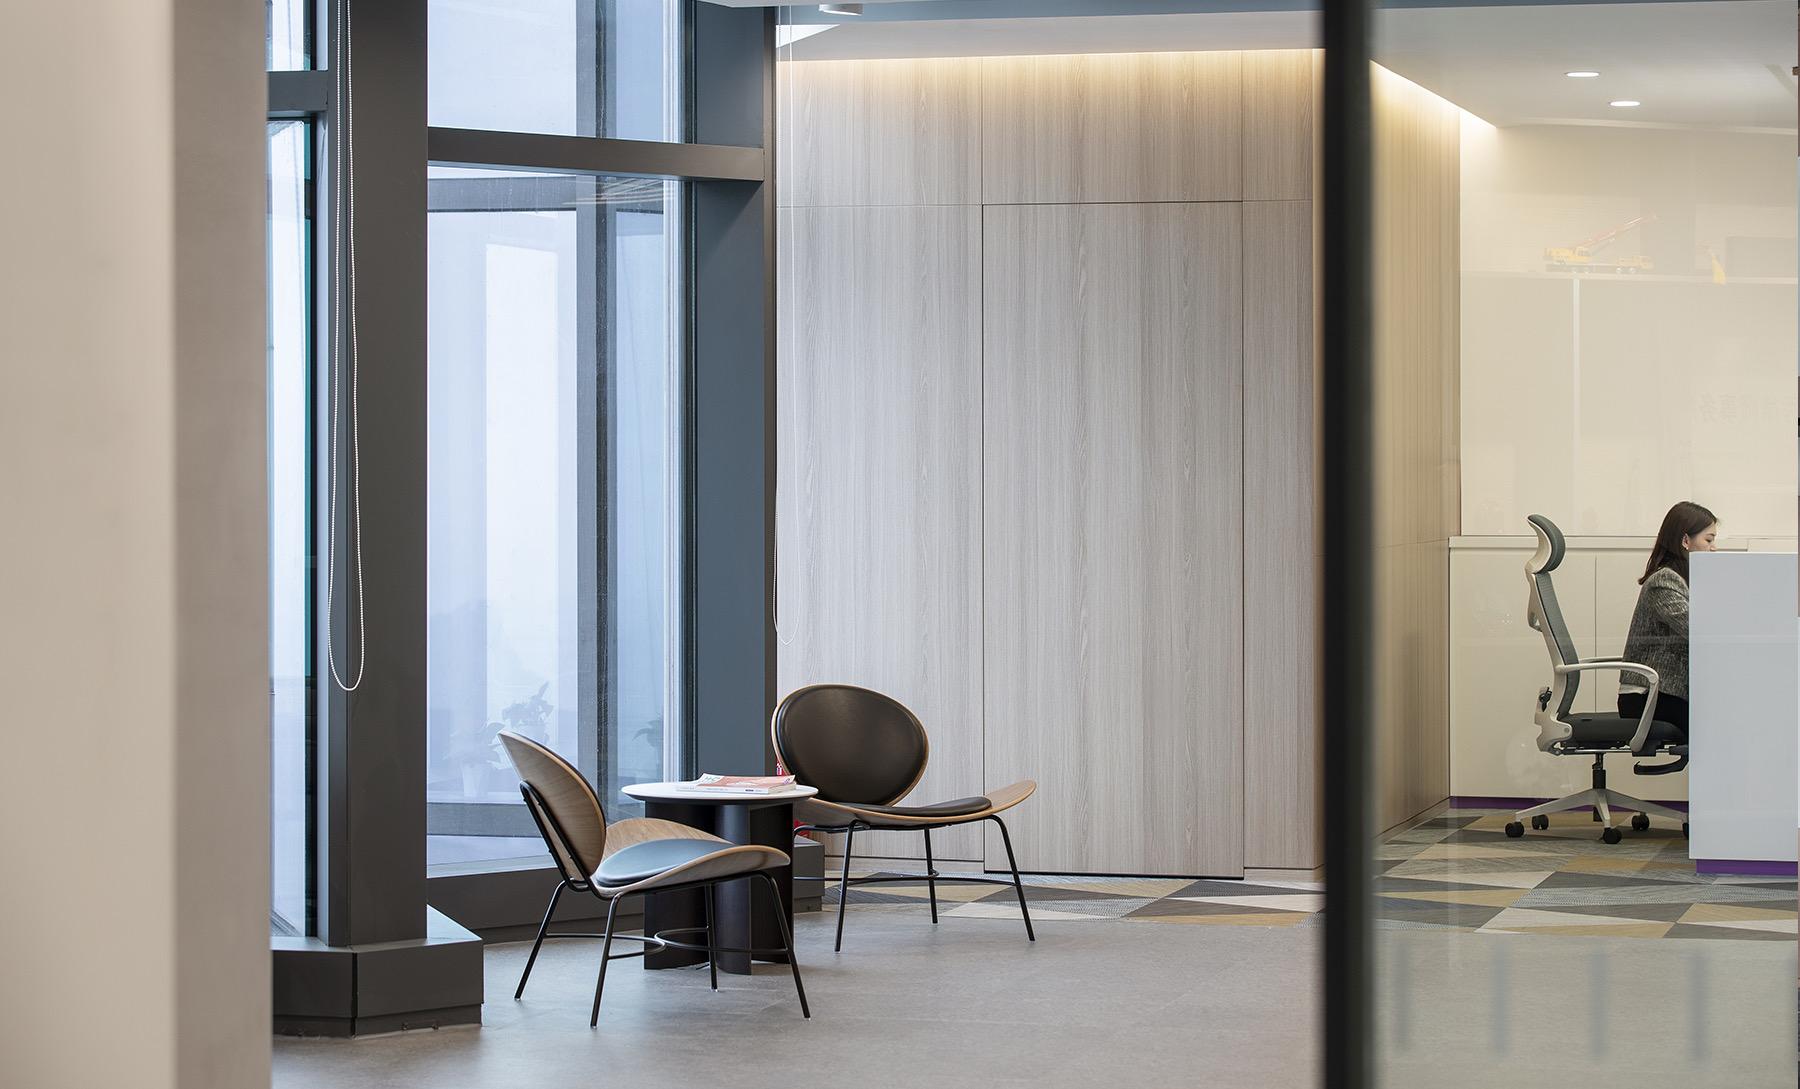 dentons-office-china-3